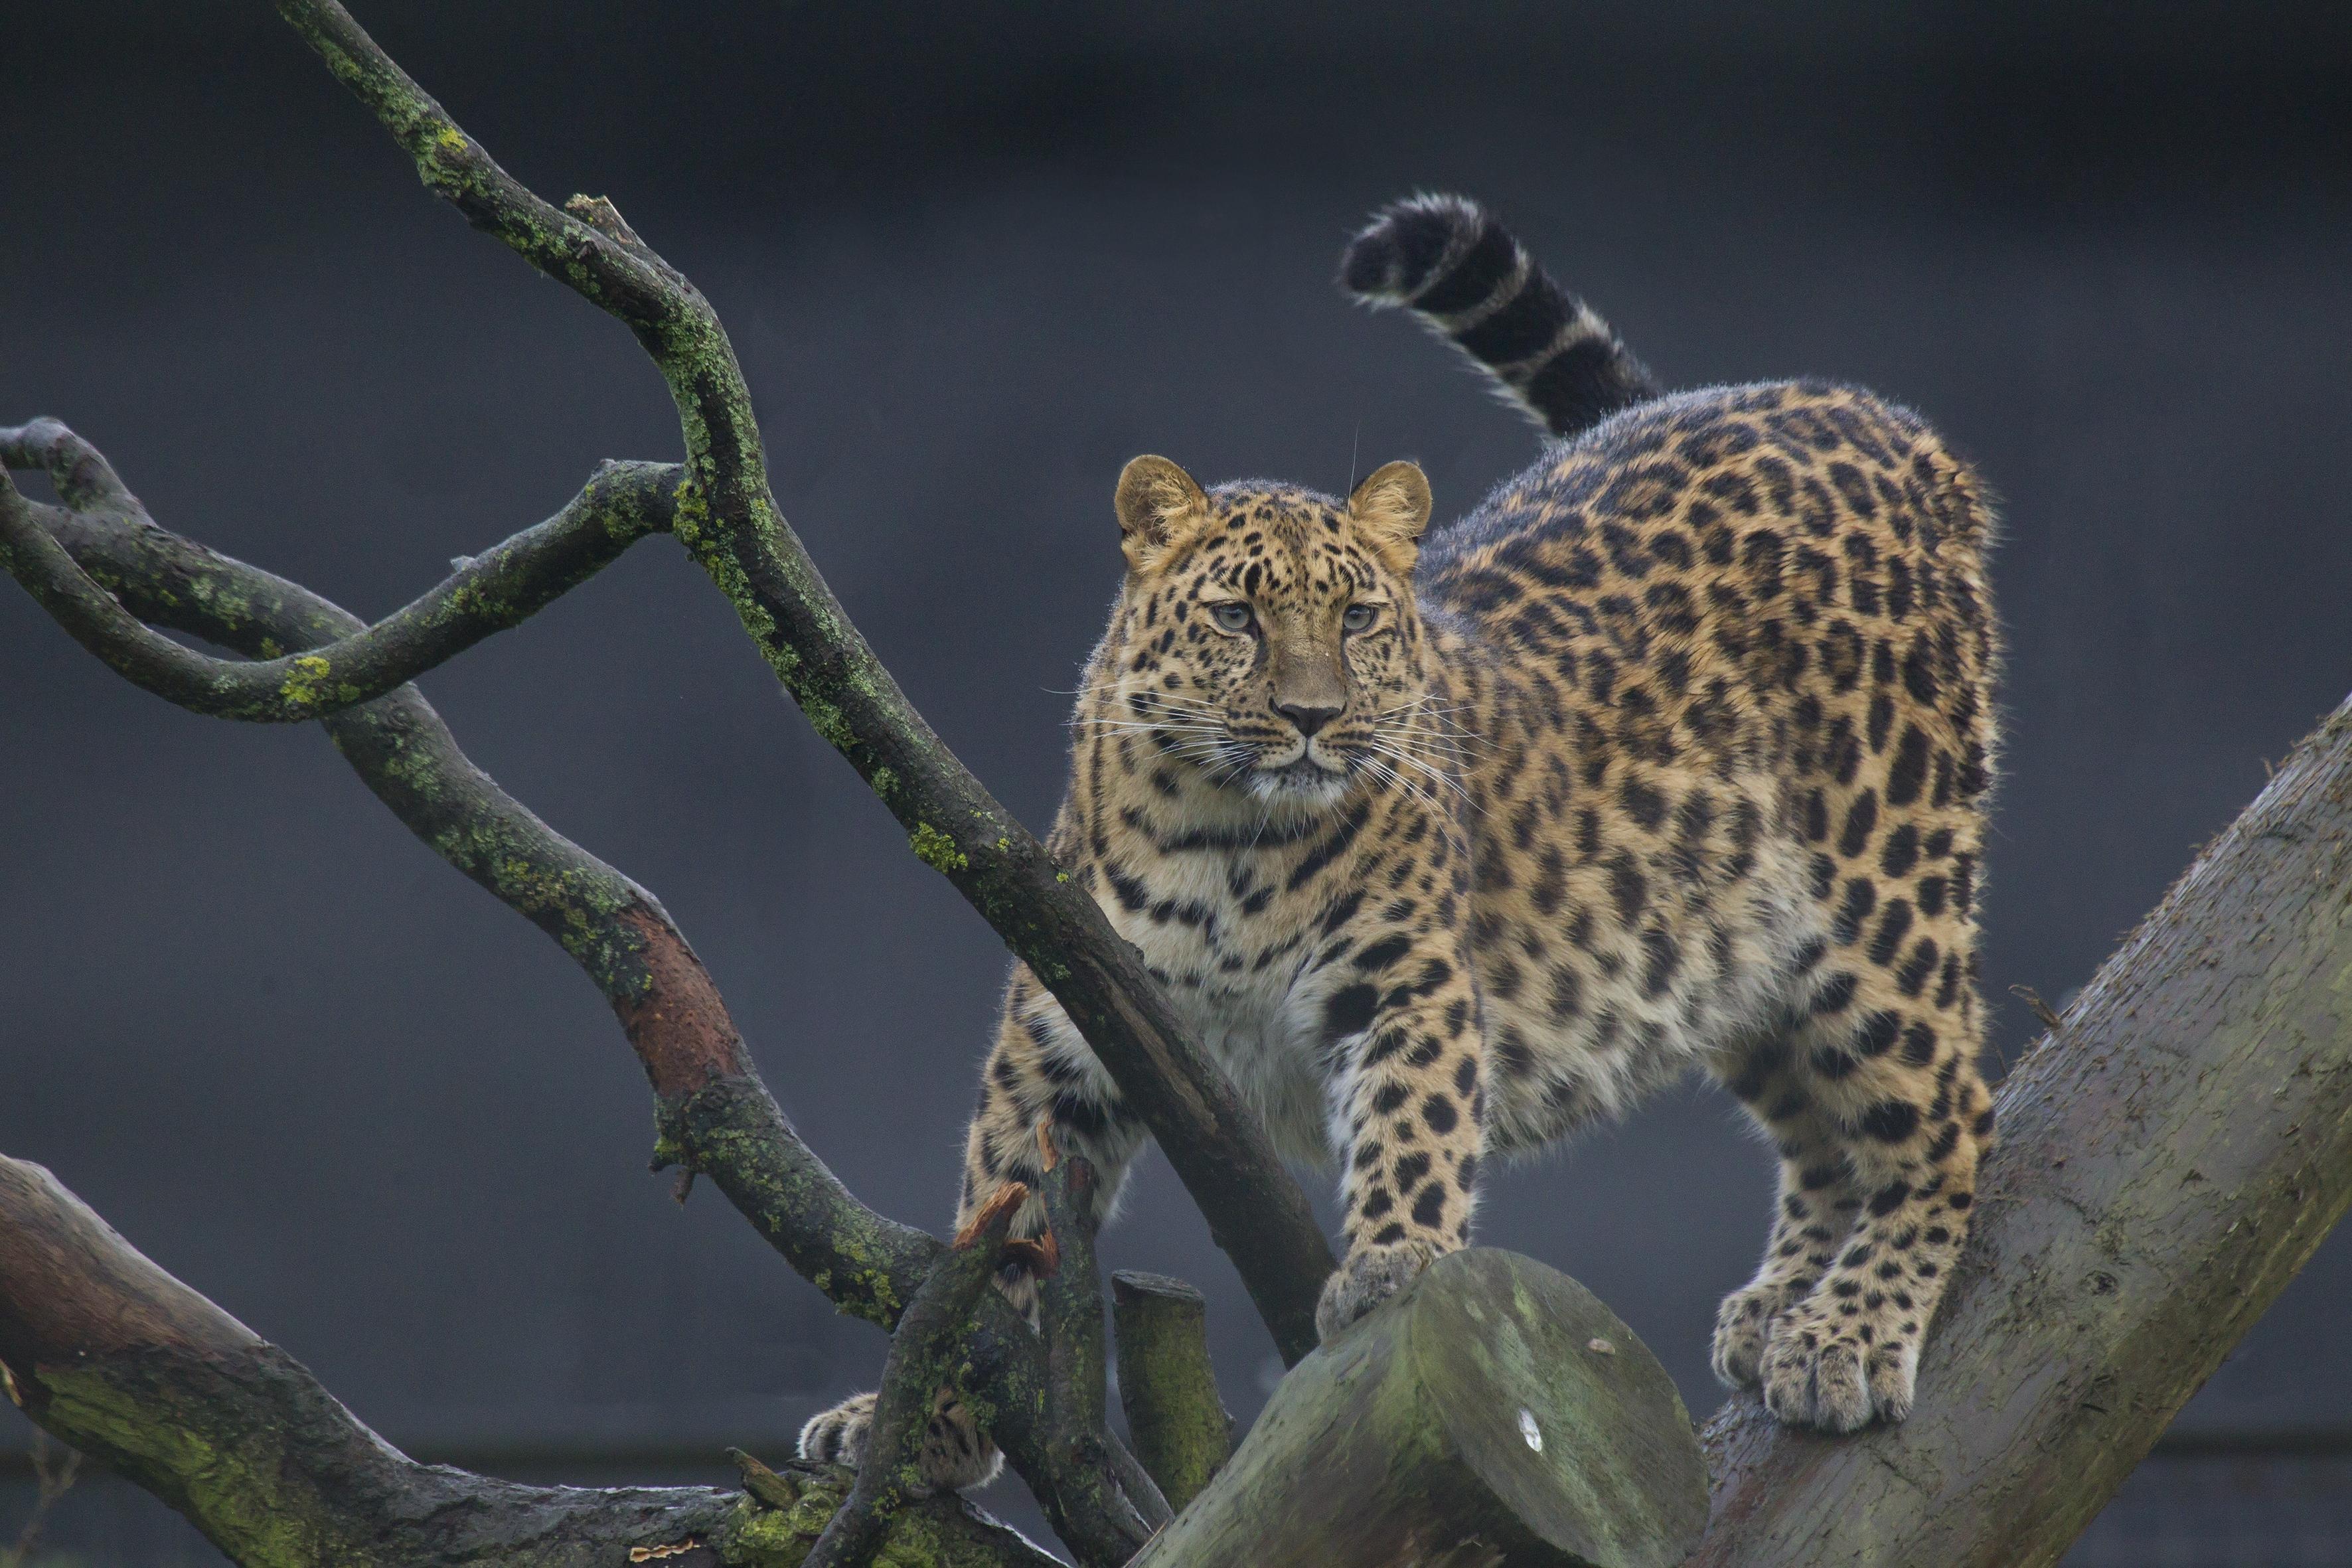 Леопард, вид хищных млекопитающих семейства кошачьих, животное